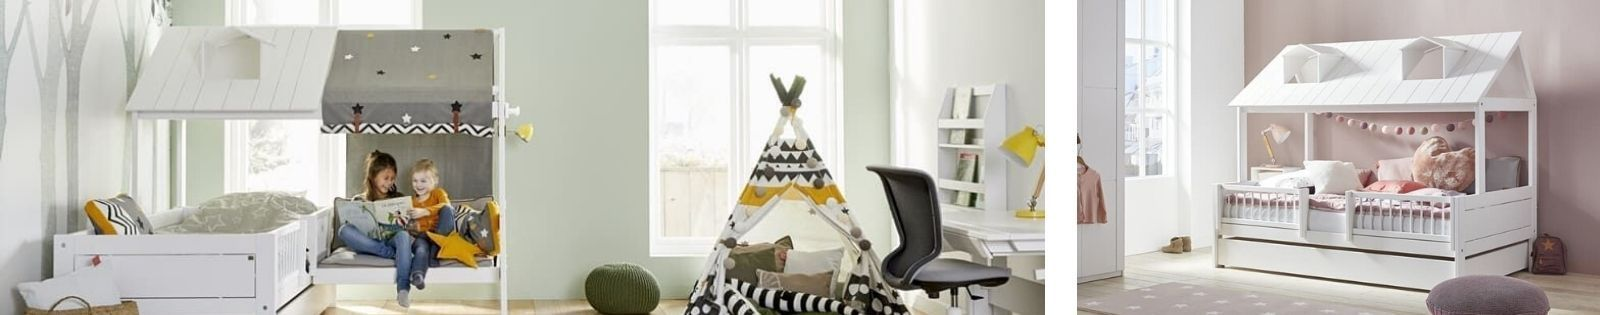 Lits cabane : meubles haut de gamme de qualité. Le Monde du Lit